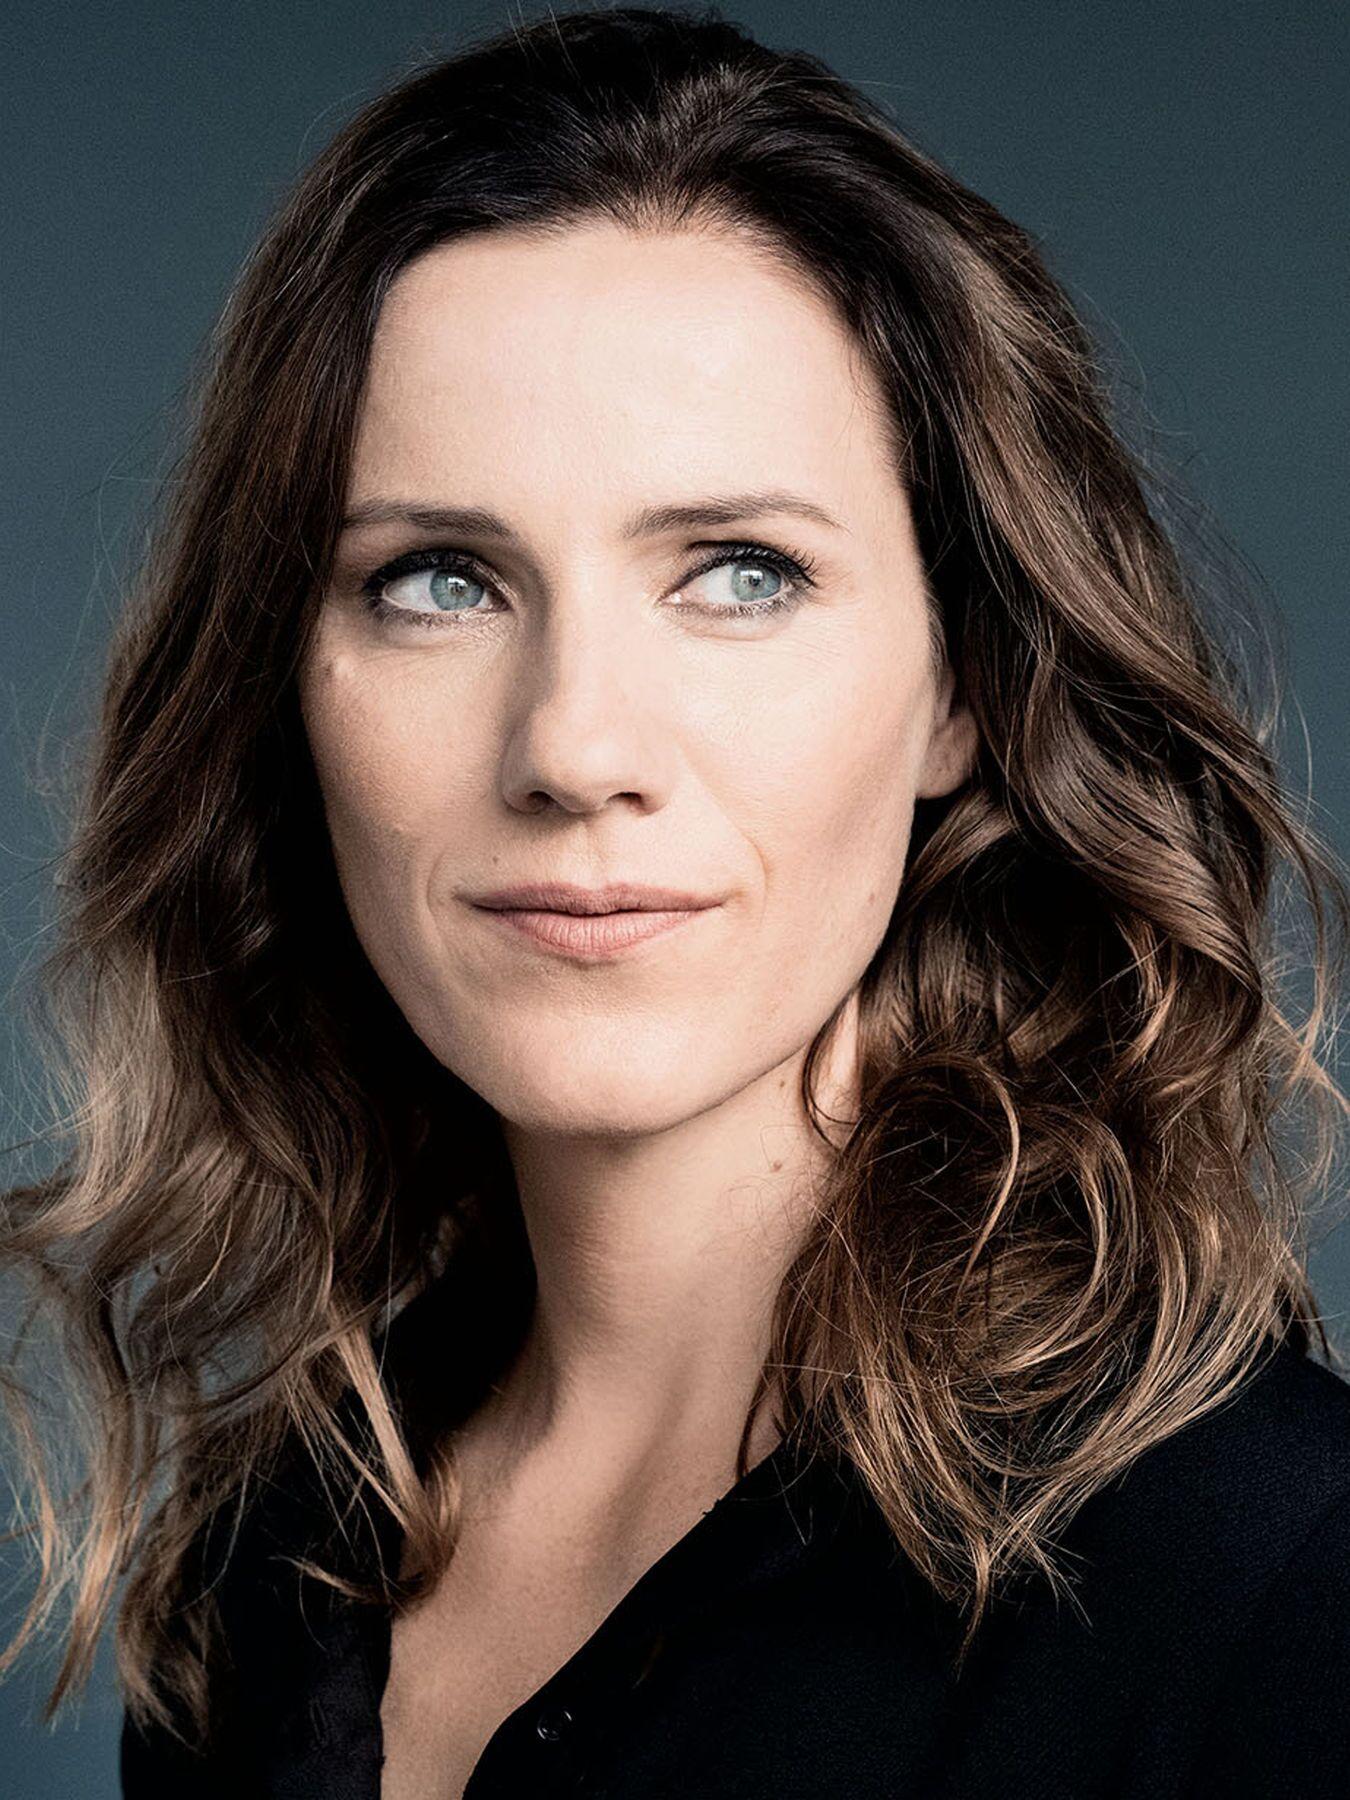 Bettina Cramer - Montblanc de la Culture Arts Patronage